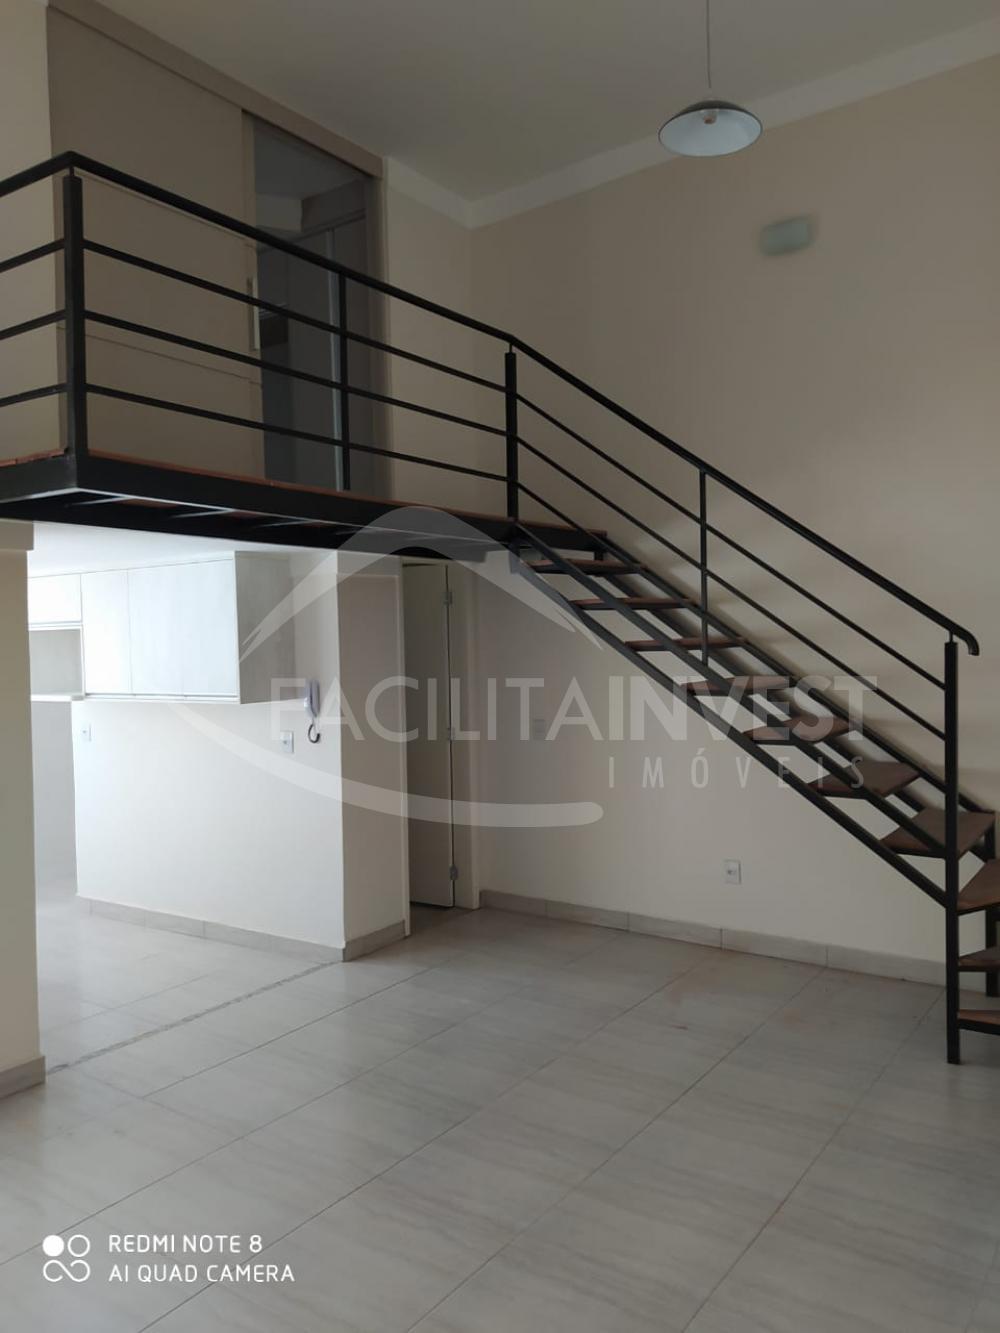 Alugar Apartamentos / Apart. Padrão em Ribeirão Preto apenas R$ 1.900,00 - Foto 14